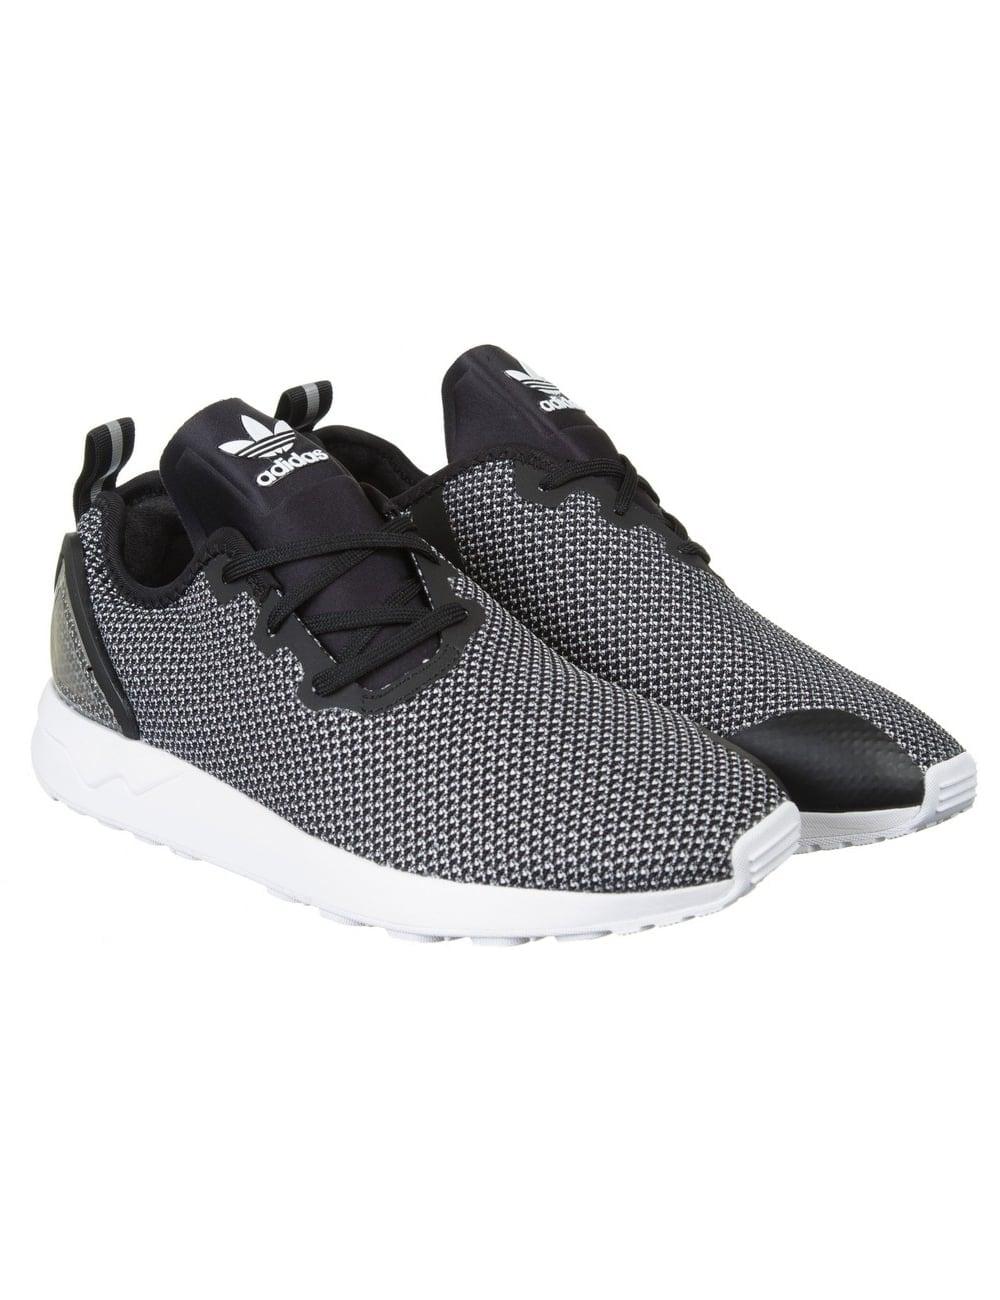 new styles 49731 d979a ZX Flux Racer ASYM Shoes - FTWRWhite/Core Black